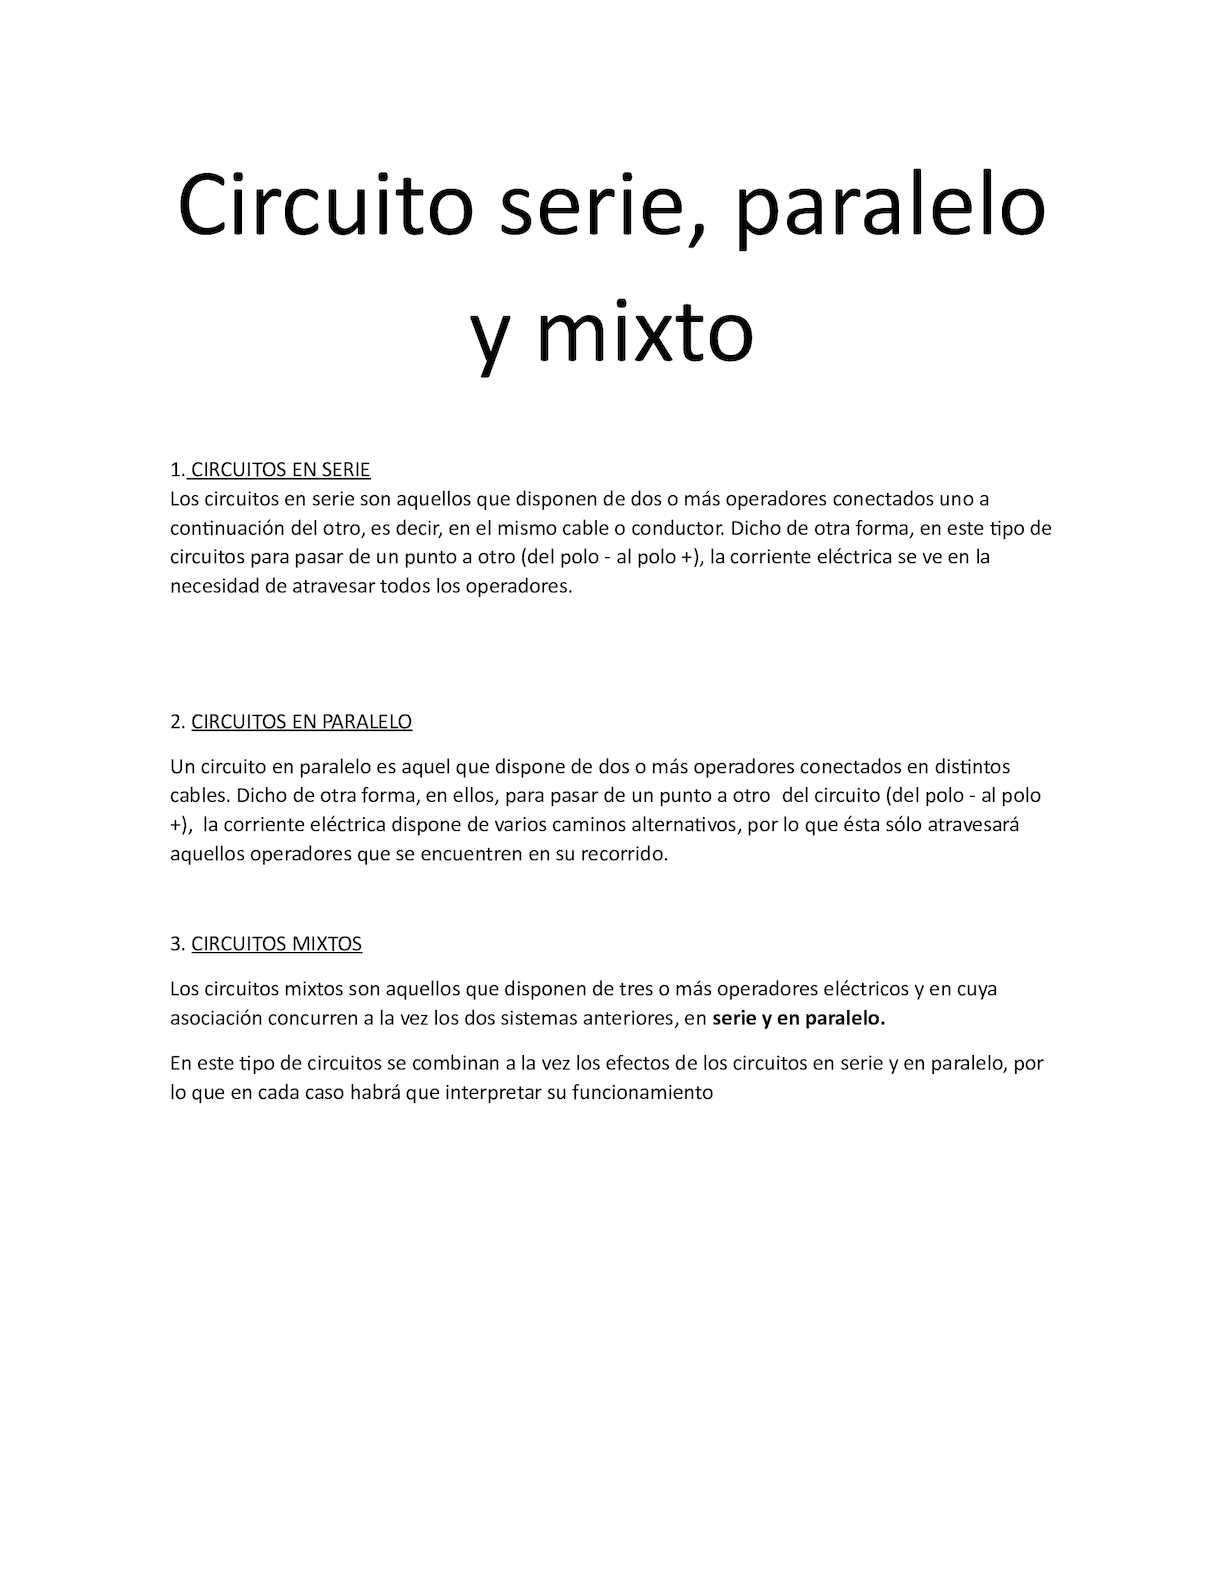 Circuito Seri E Paralelo : Calaméo circuito serie paralelo mixto